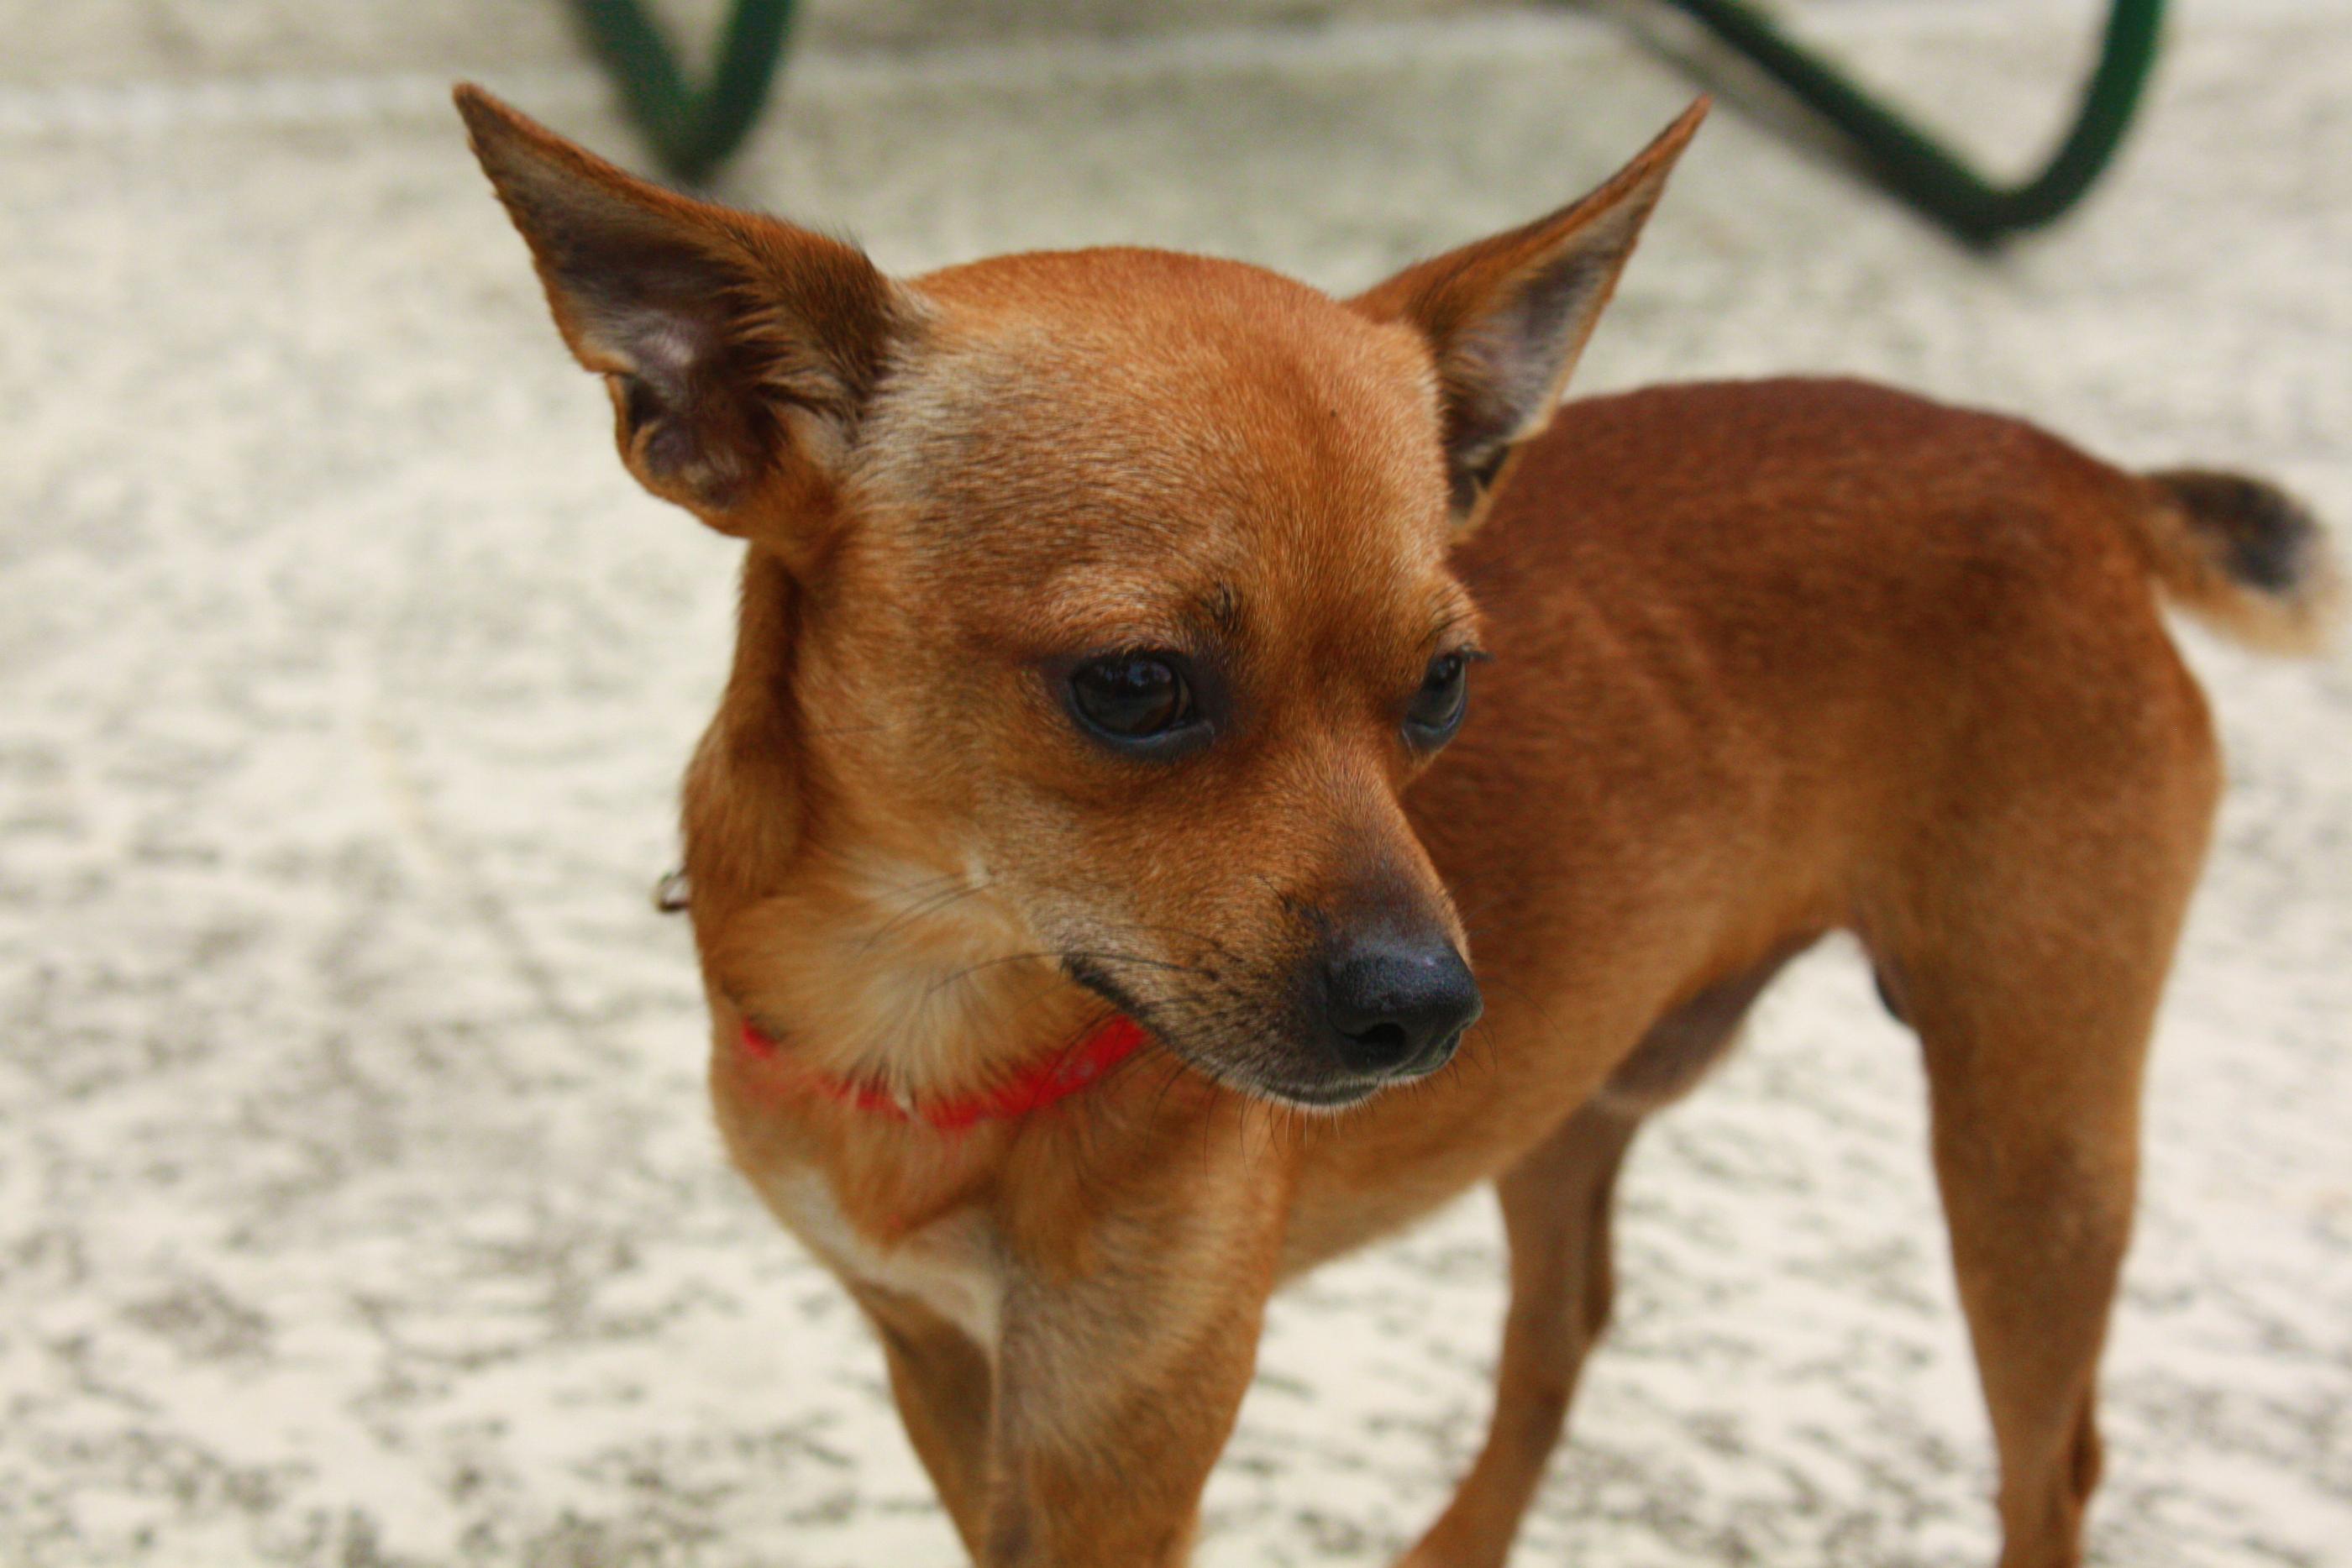 Deer Chihuahua | Flickr - Photo Sharing!